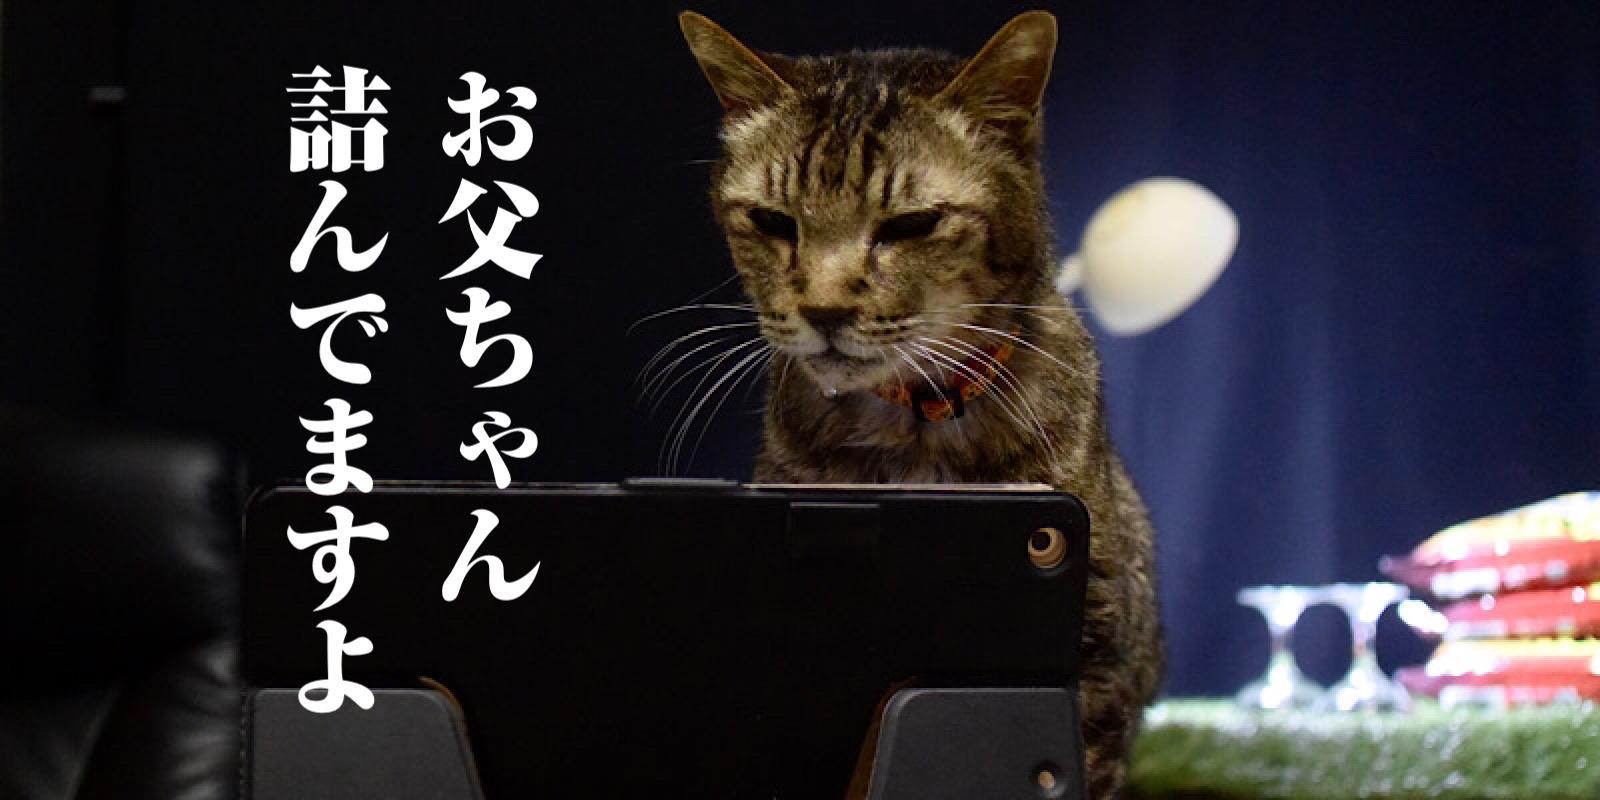 iPadを見ているネコ